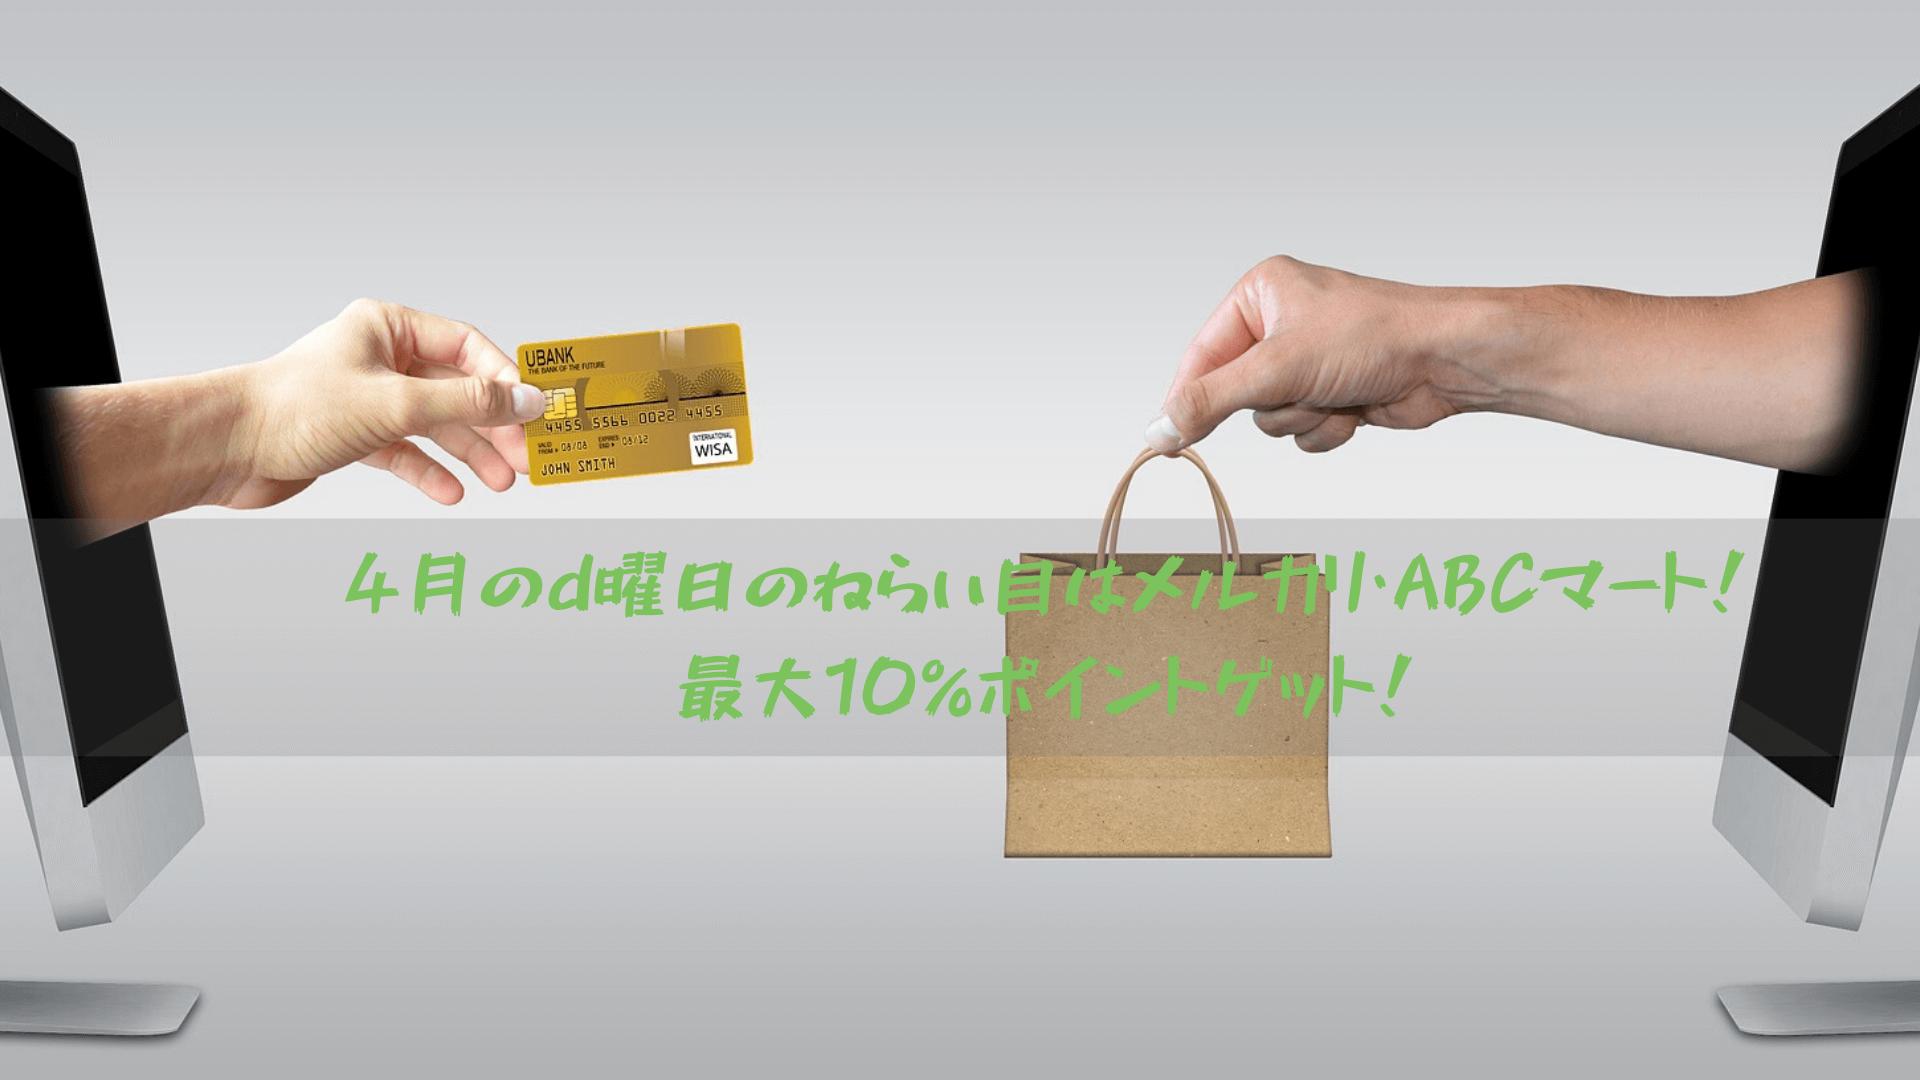 4月のd曜日のねらい目はメルカリ・ABCマート!最大10%ポイントゲット!